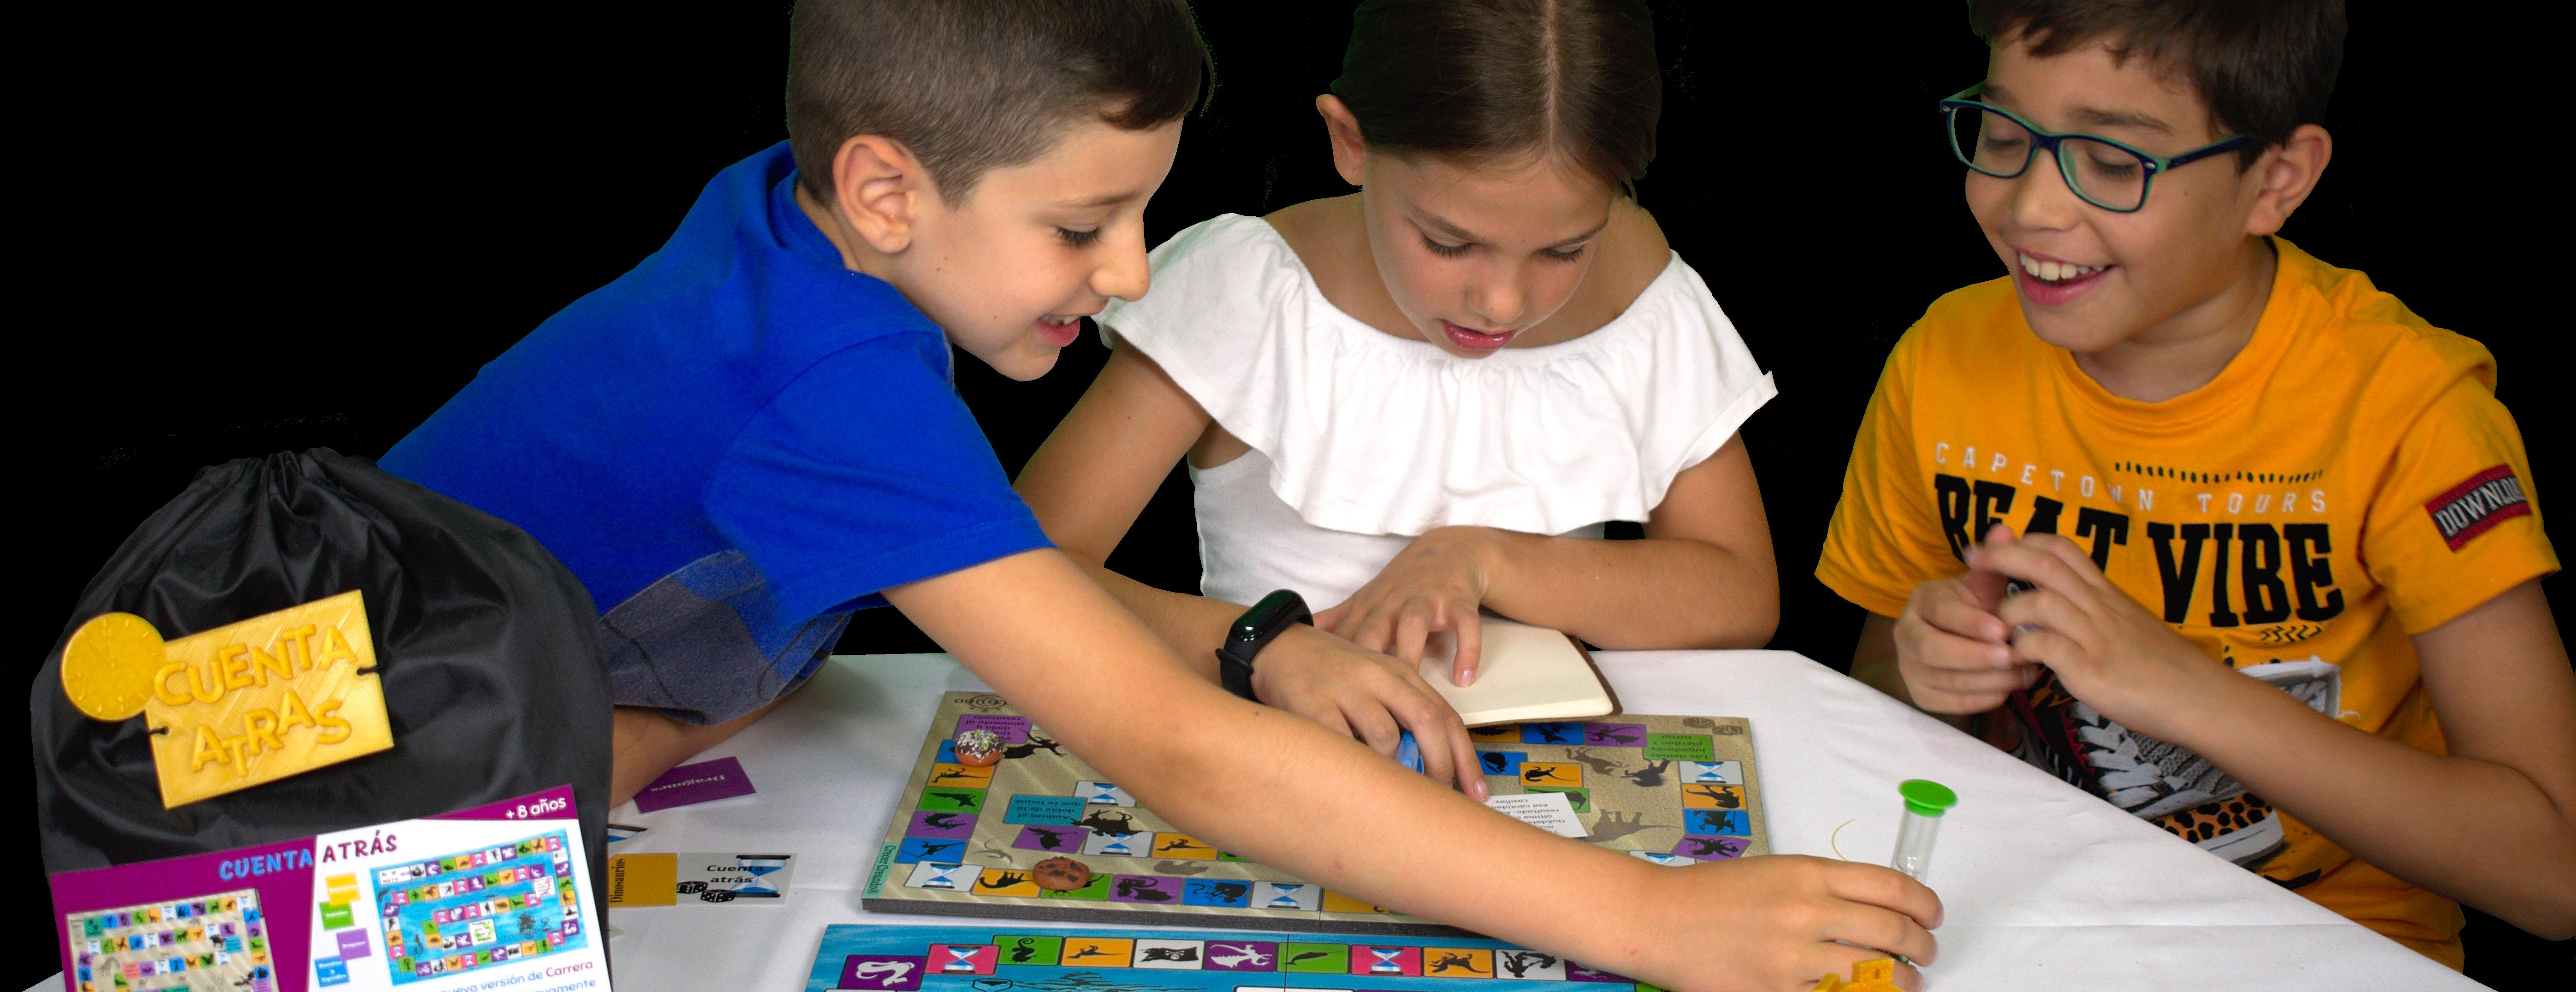 Somos especialistas en creación propia y venta de juegos matemáticos y de ingenio para todas las edades